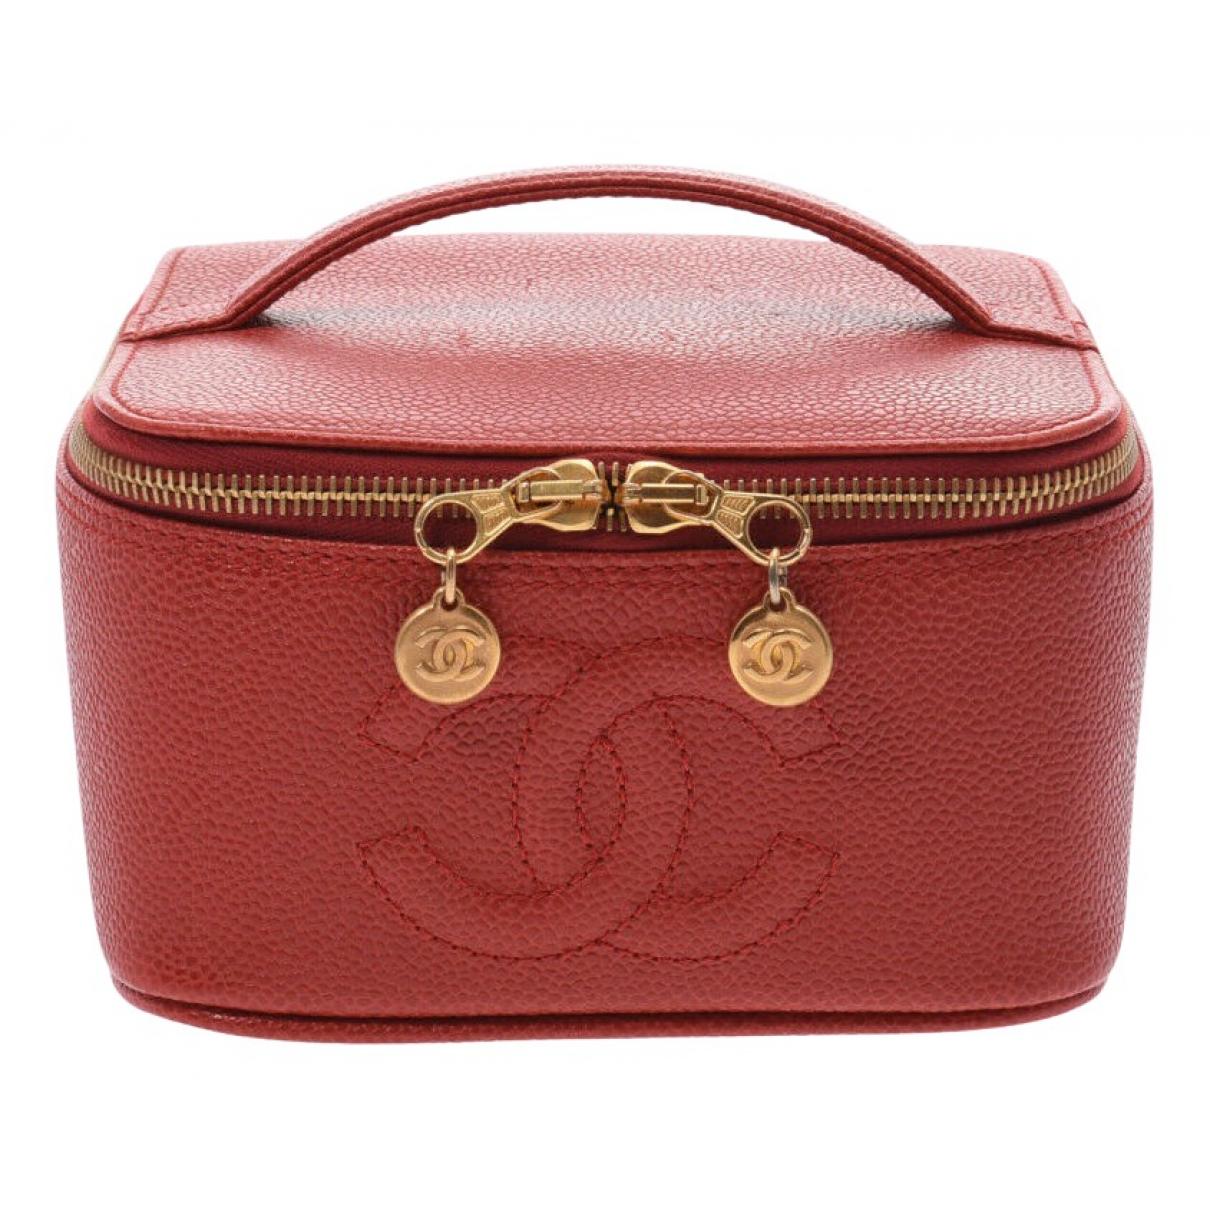 Chanel - Sac de voyage   pour femme en cuir - rouge